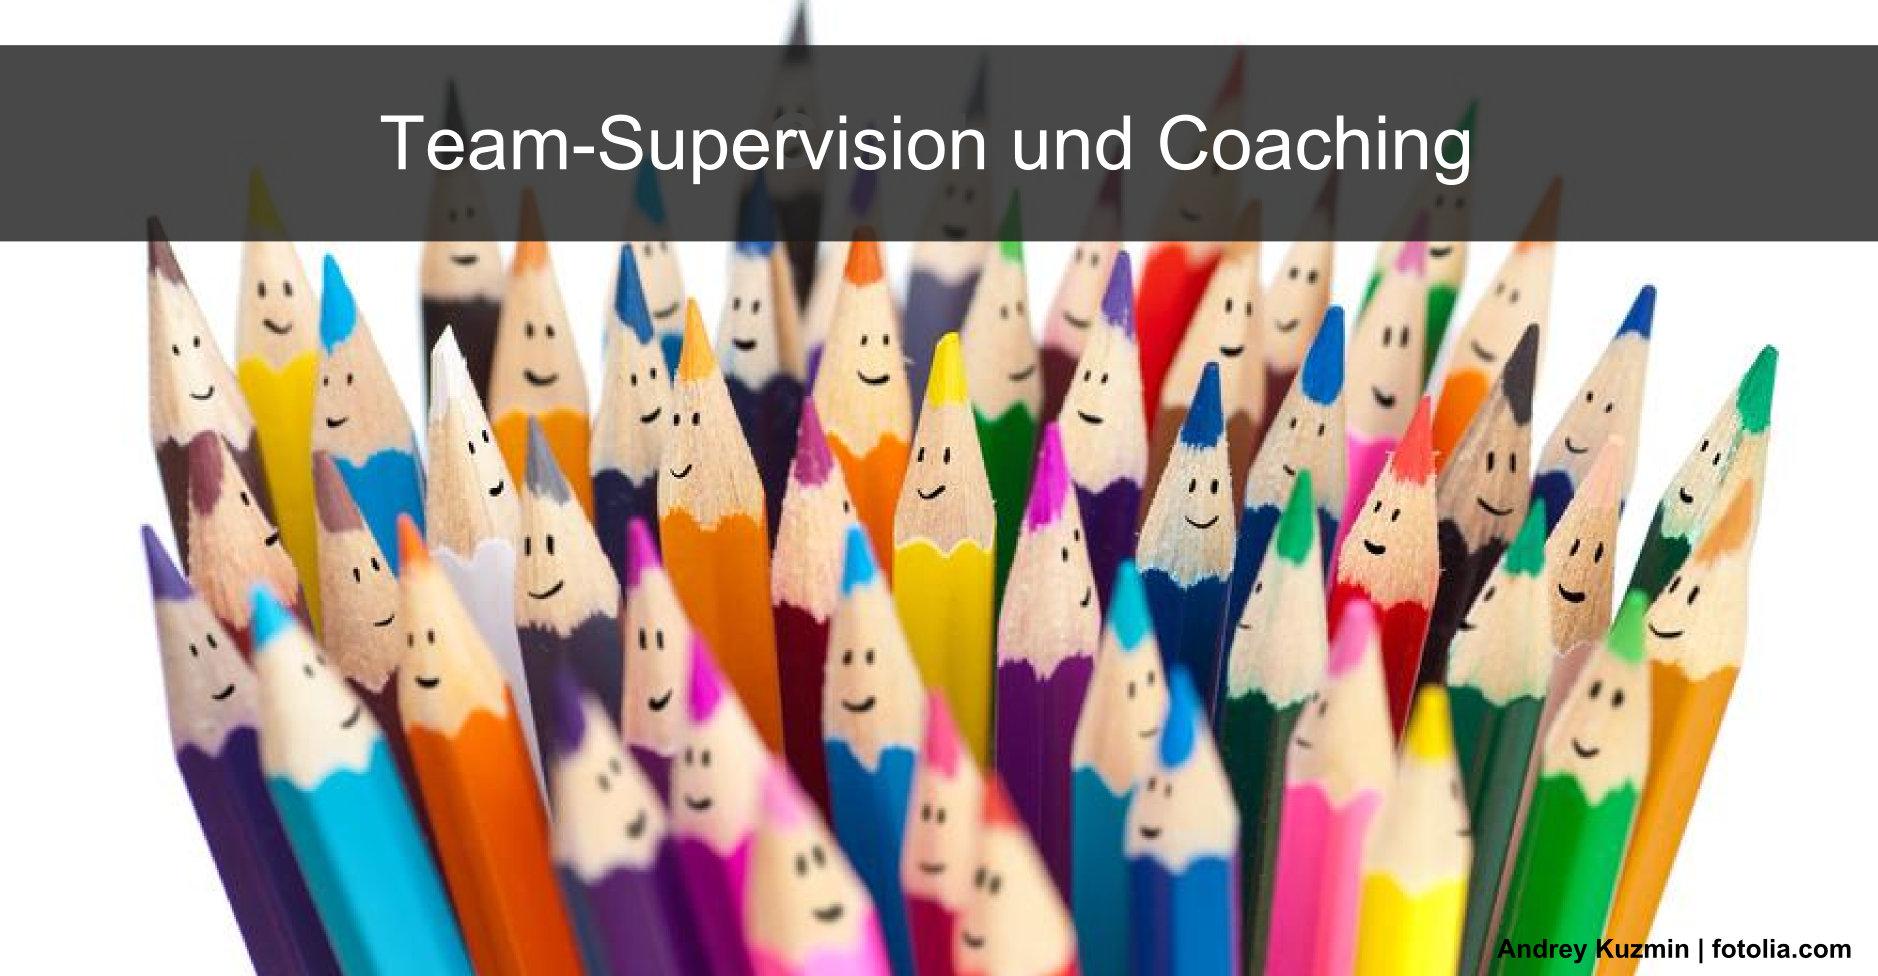 Gerade in pädagogischen Berufen ist eine kontinuierliche Team-Supervision hilfreich.